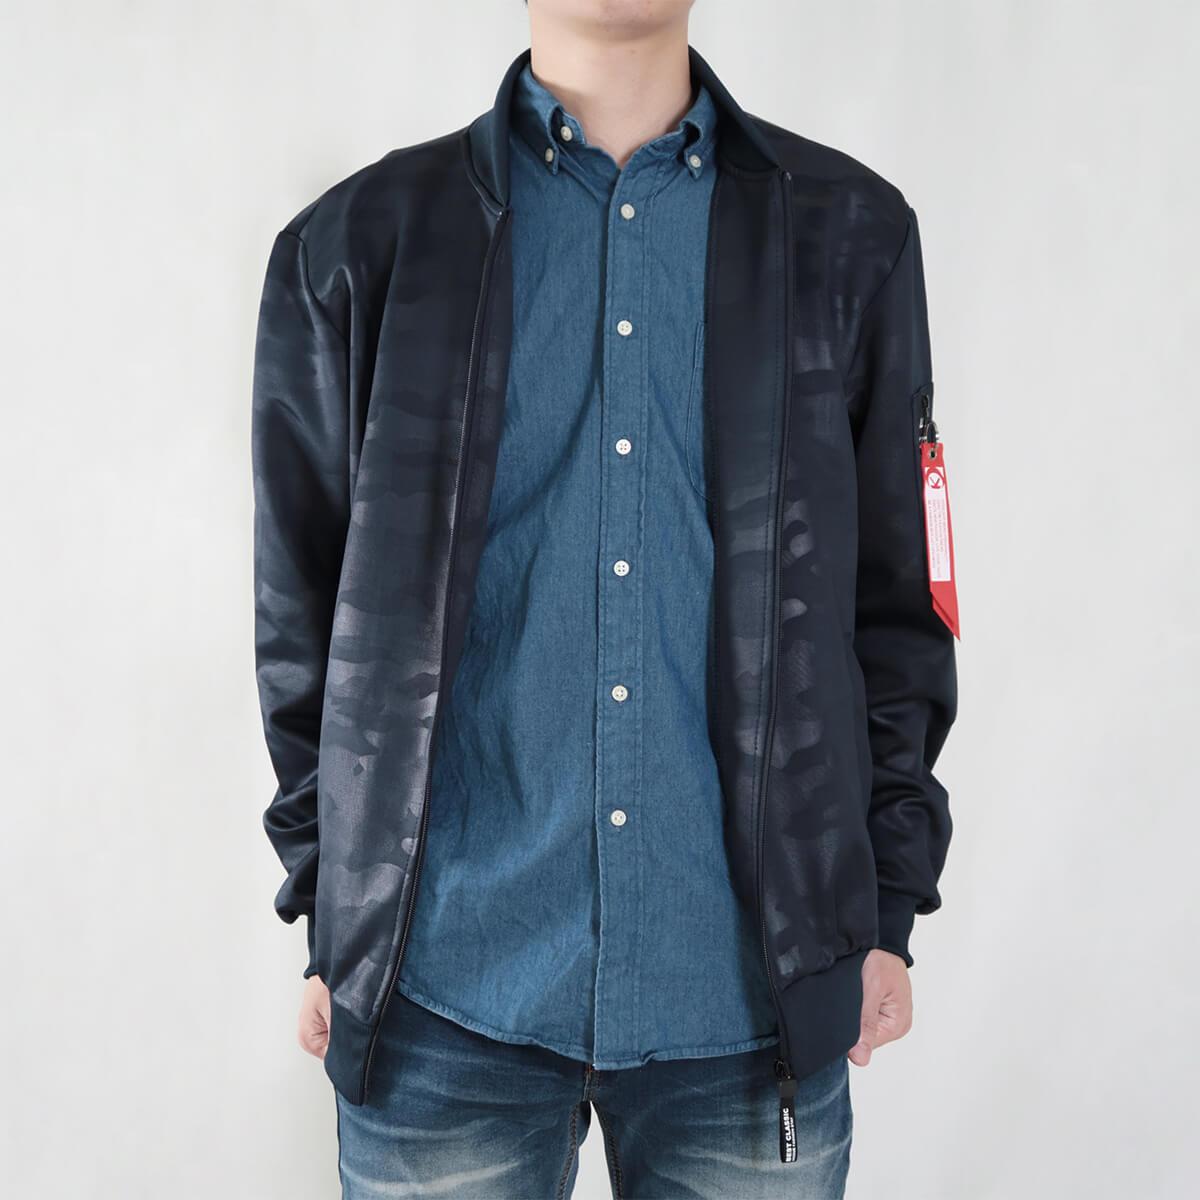 韓版迷彩飛行夾克 MA-1飛行外套 迷彩外套 空軍外套 輕量單層薄外套 MA-1 CAMOUFLAGE FLIGHT JACKET (321-8917-01)深藍色、(321-8917-02)黑色 3L 4L(胸圍48~51英吋) [實體店面保障] sun-e 9